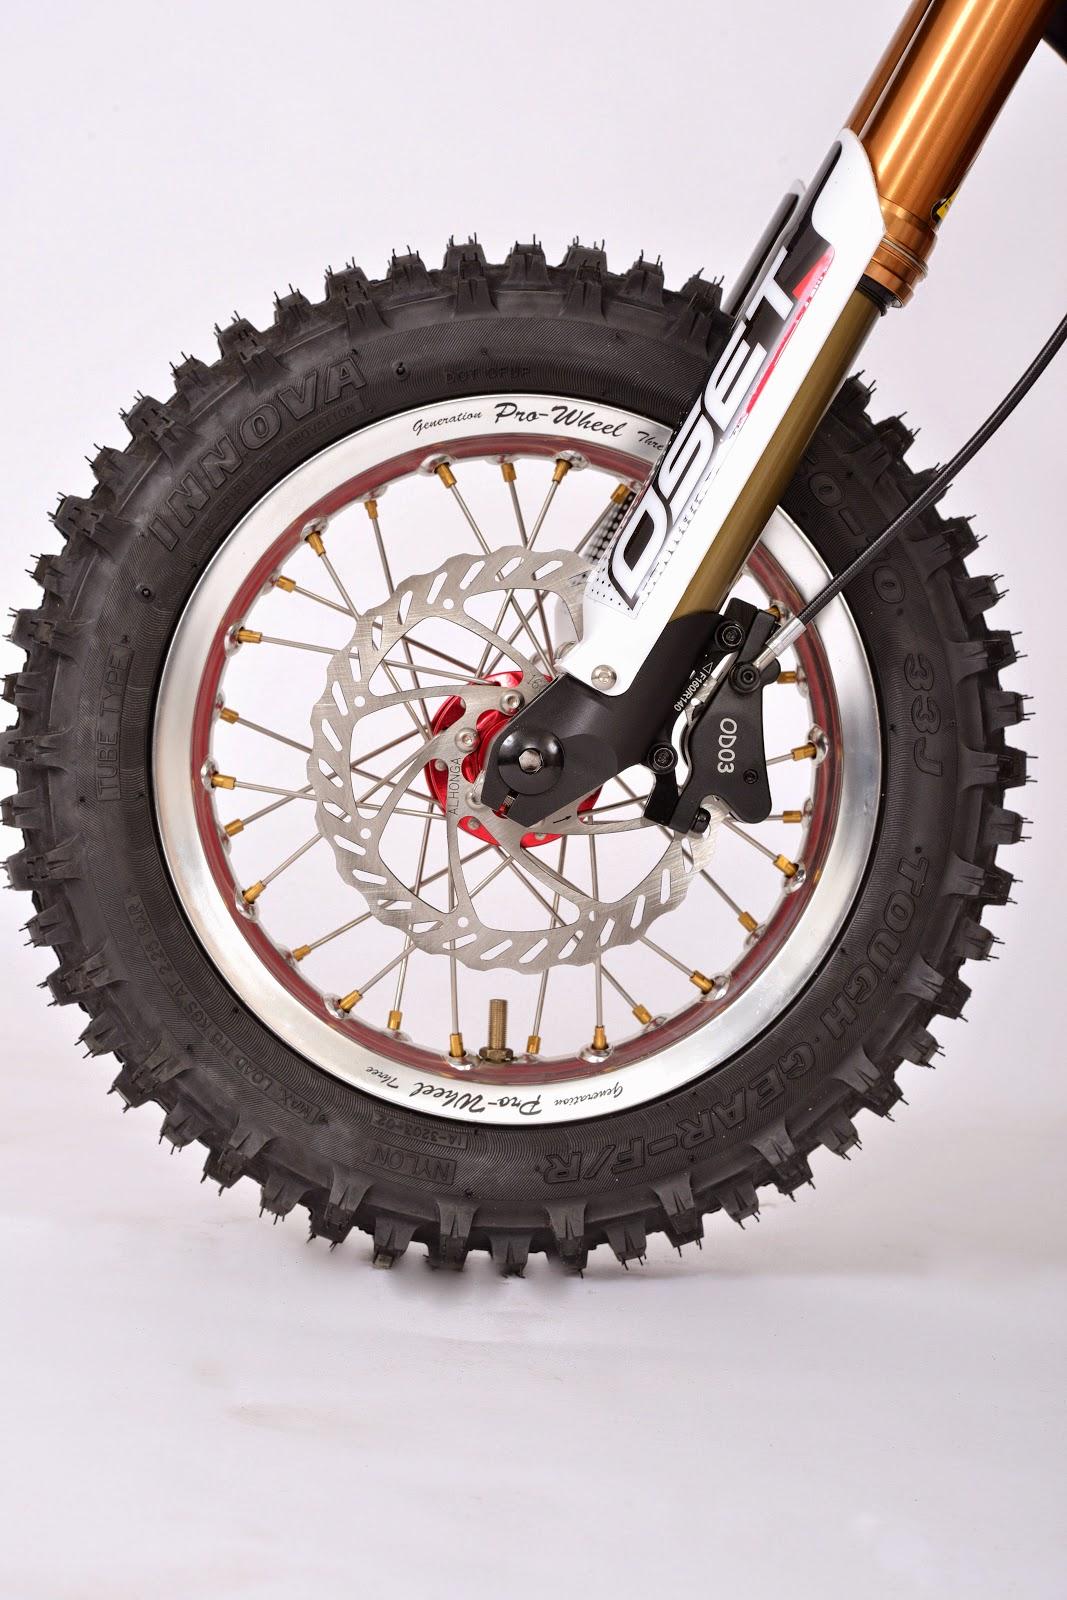 DSC_5528.JPG: Wheel